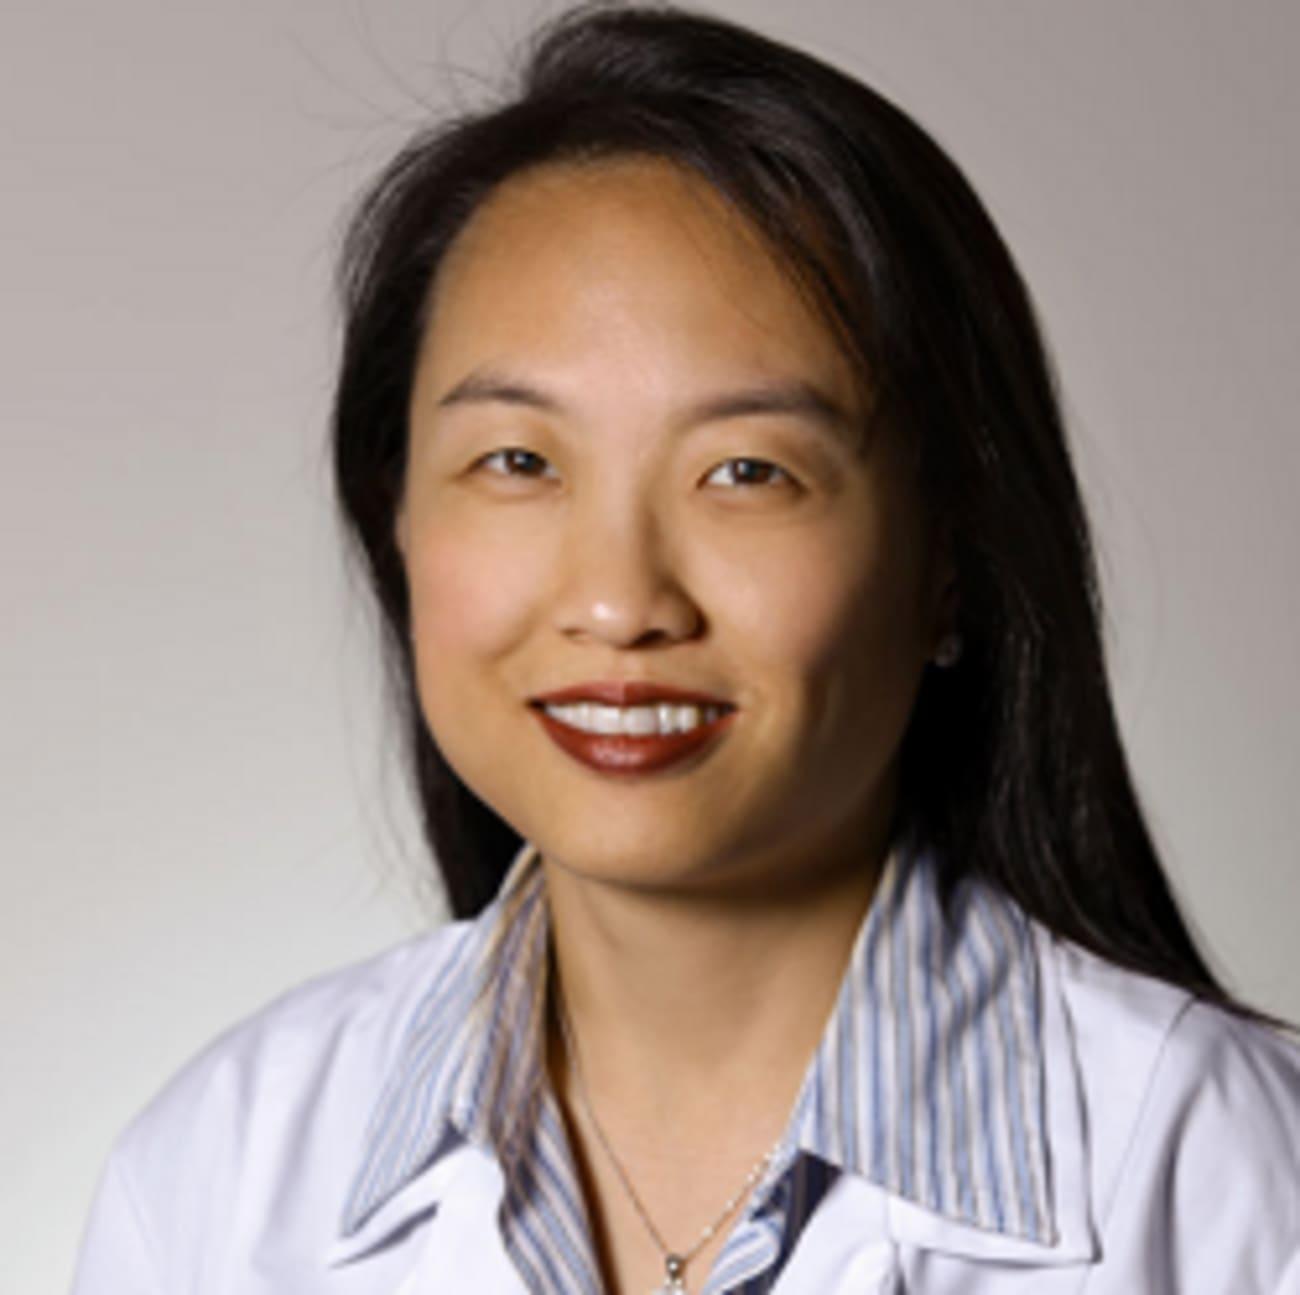 Eun Ji Shin